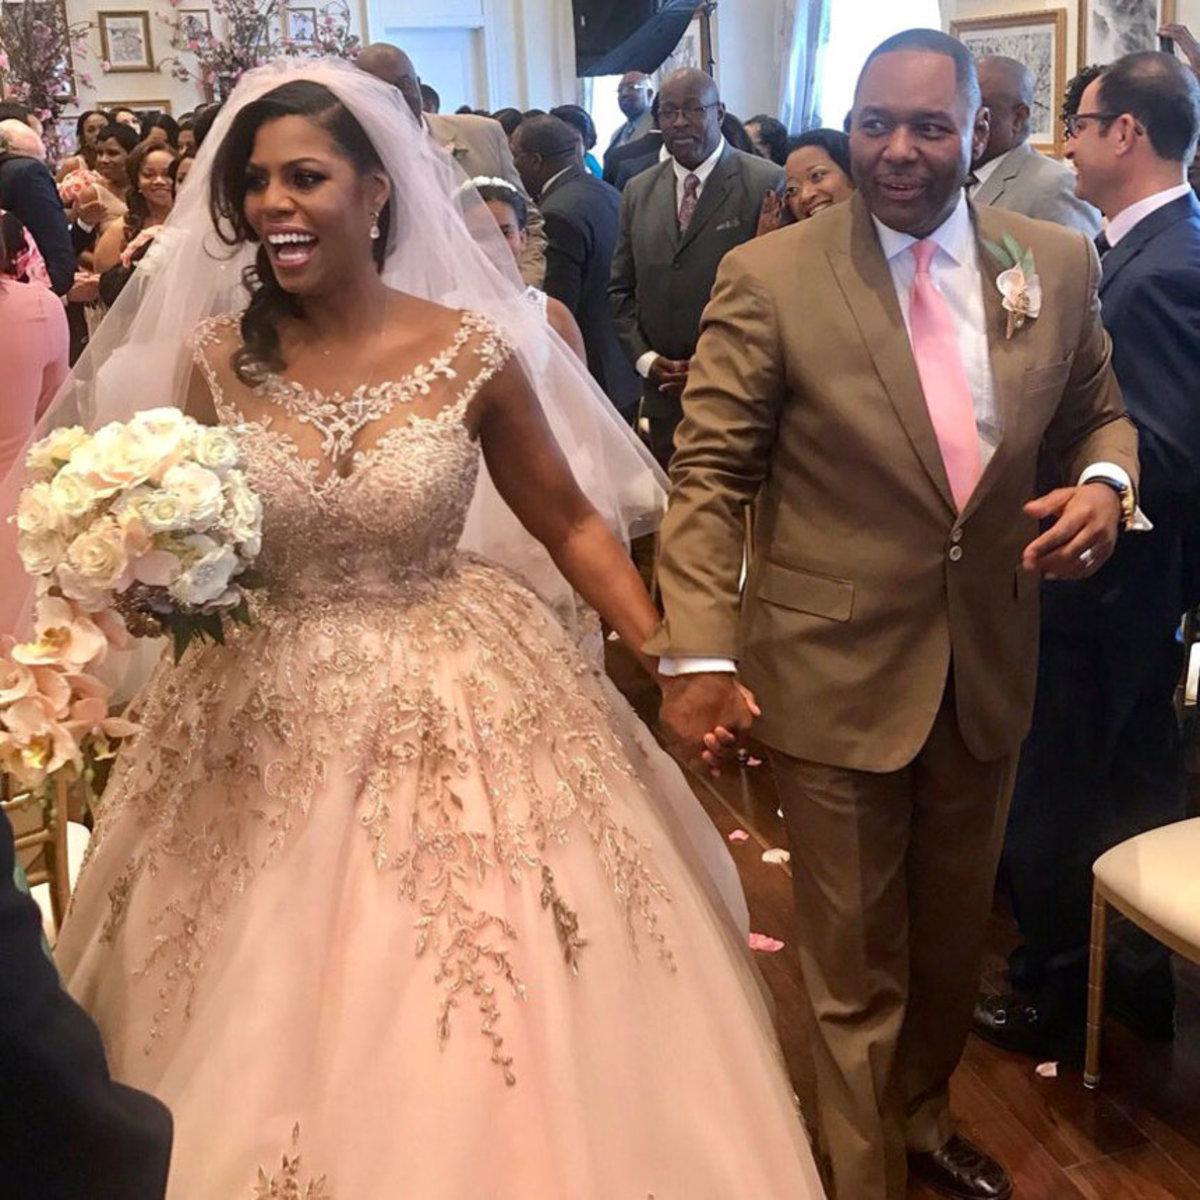 Omarosa married Pastor John Allen Newman on April 8, 2017.